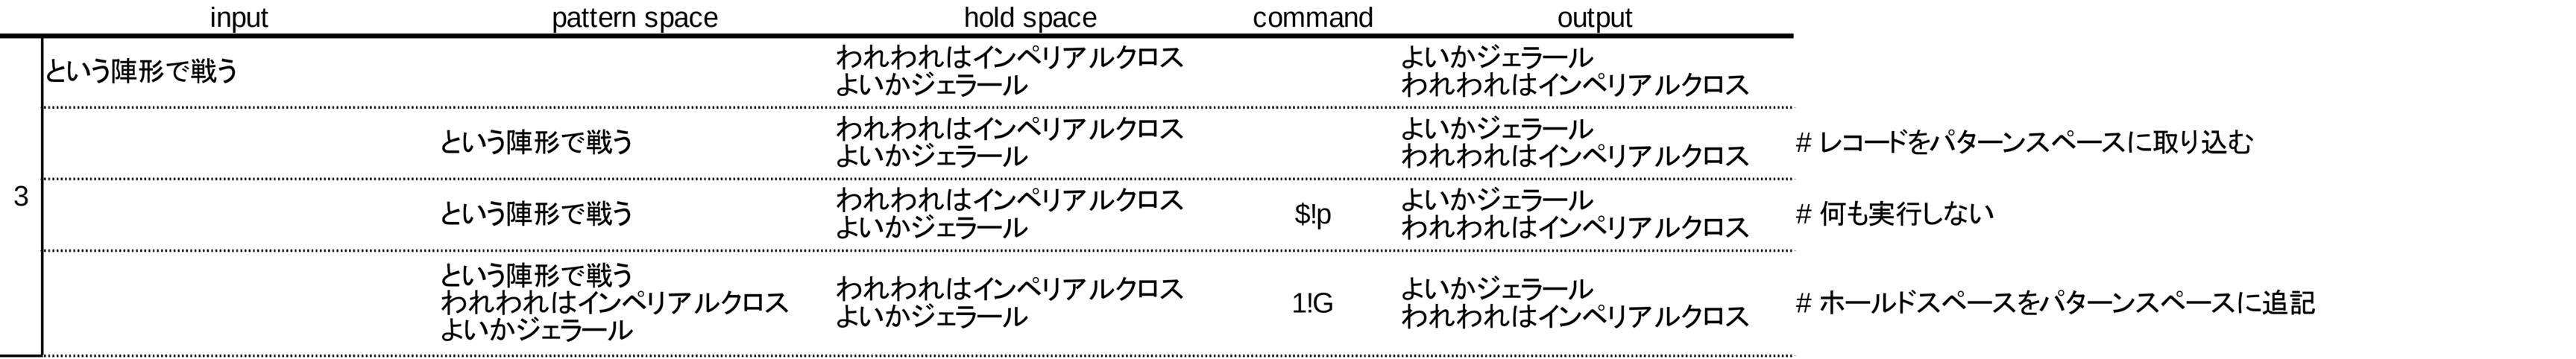 fig3-3-3.jpg